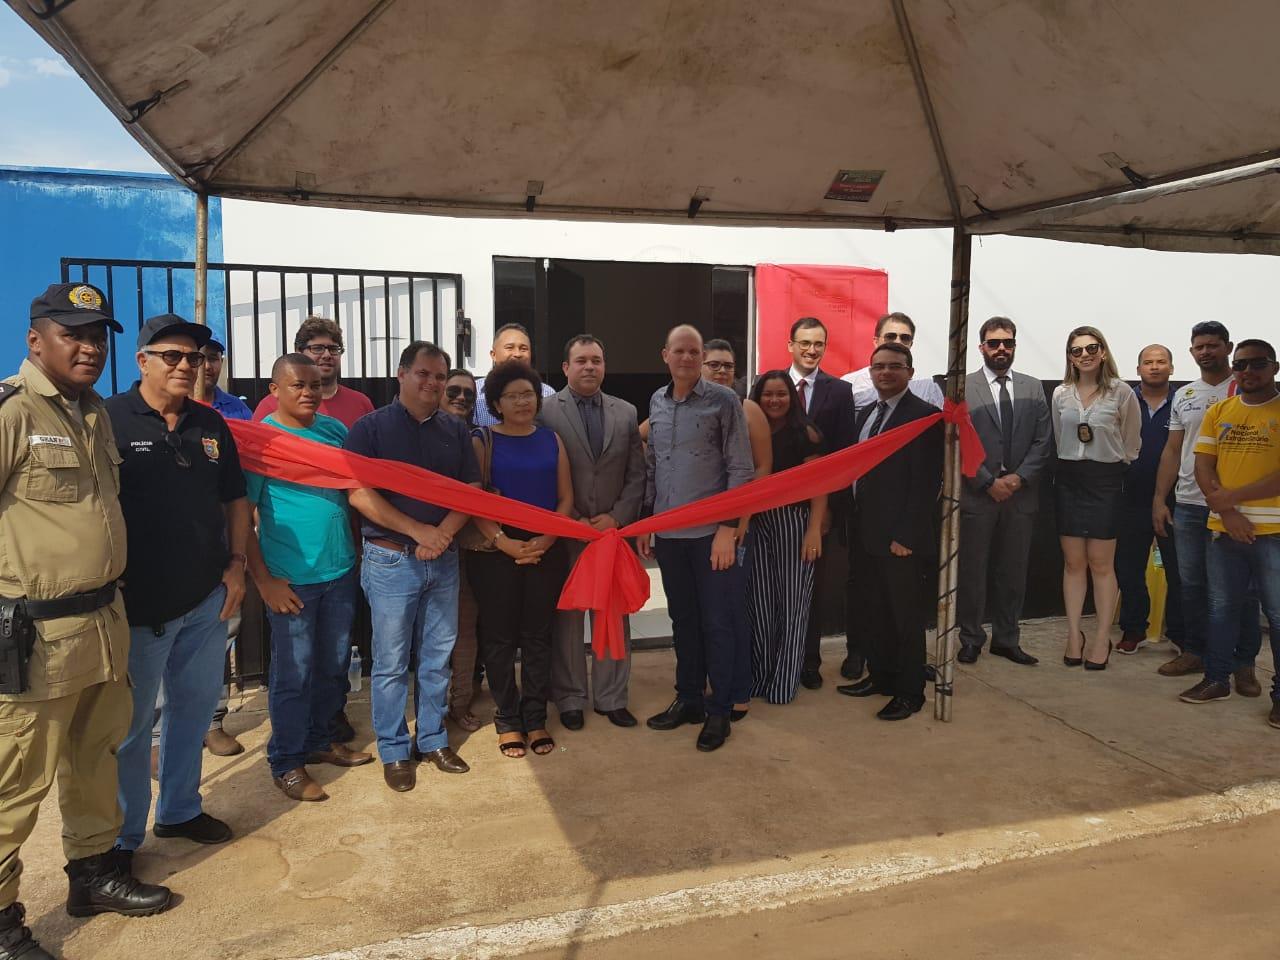 Segurança Pública inaugura delegacia de polícia em Santa Fé do Araguaia (TO)